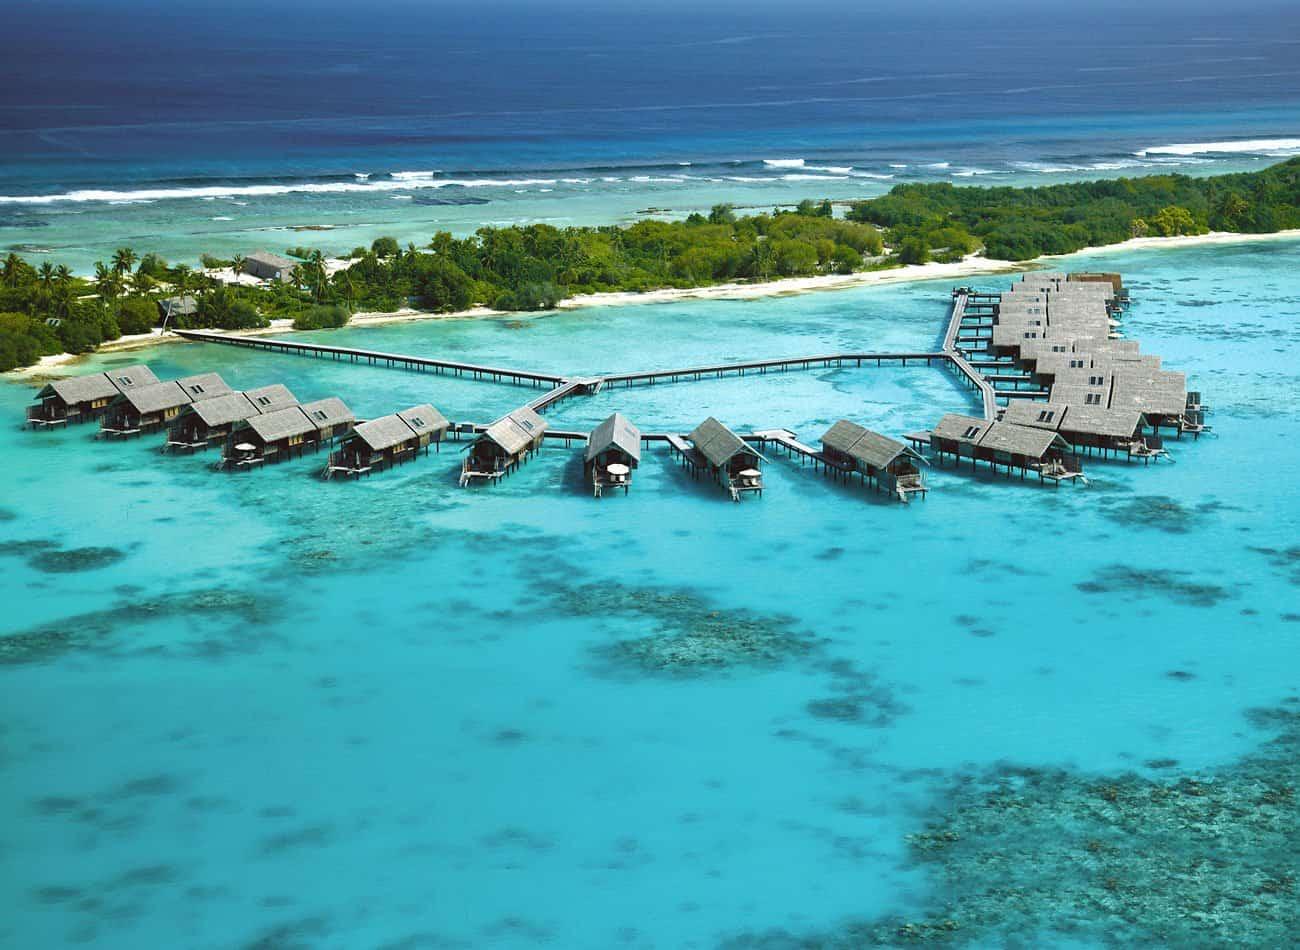 تقرير حصري ومميز عن منتجع شانغريلا المالديف